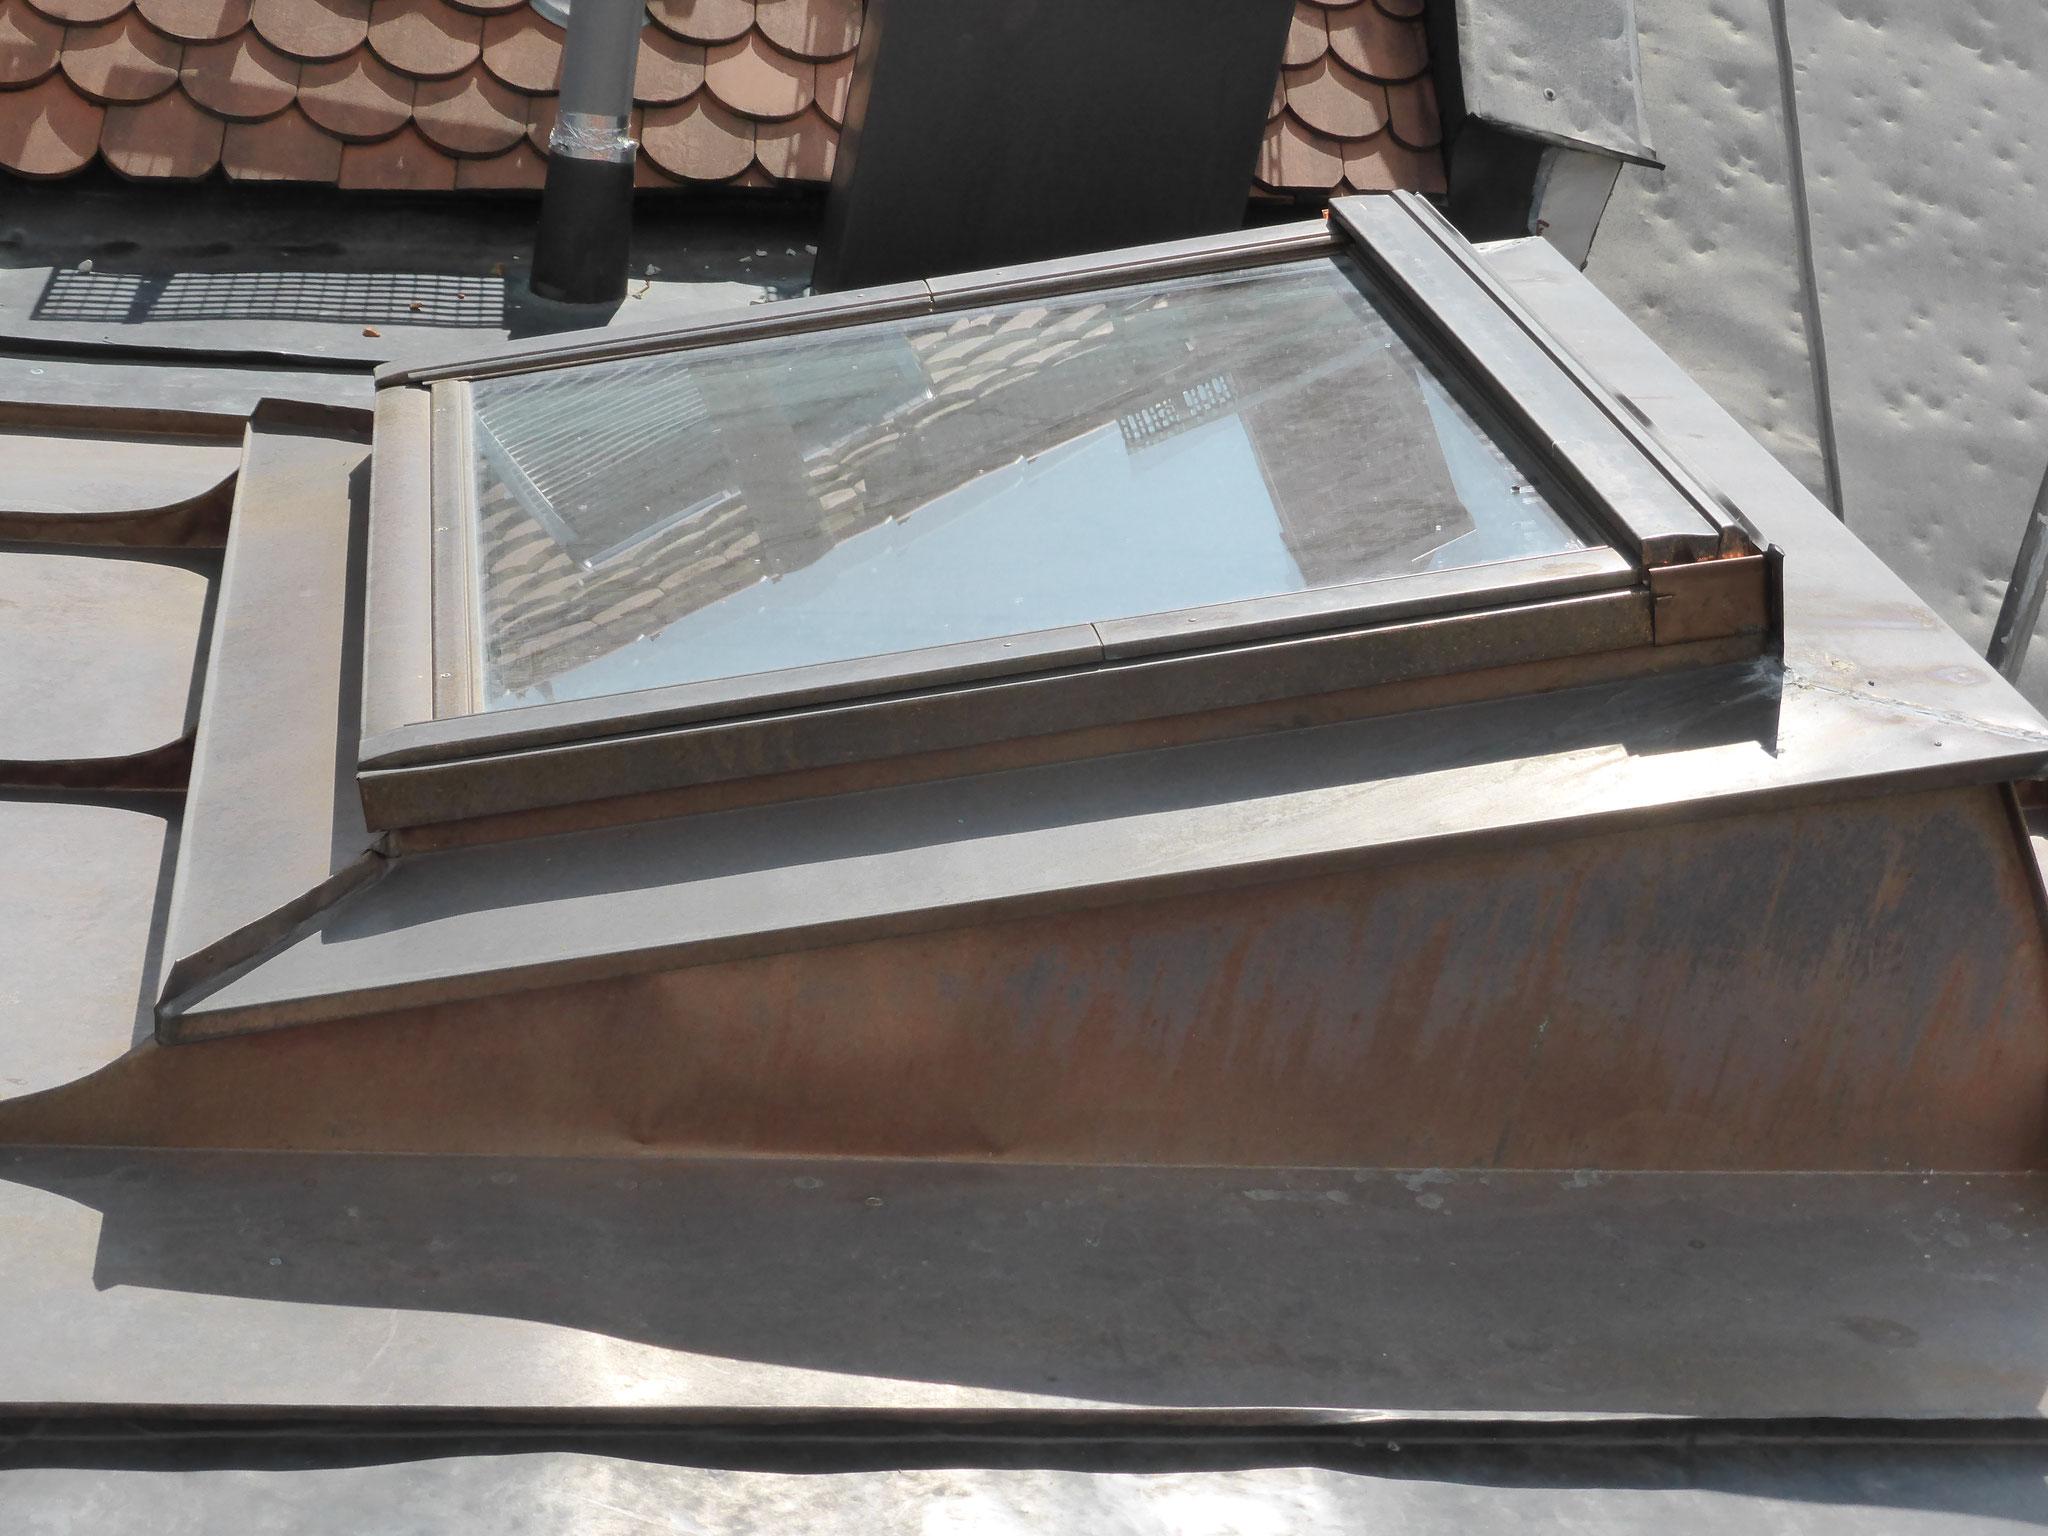 Einfassung eines Dachflächenfensters mit Aufkeilrahmen aus Kupfer